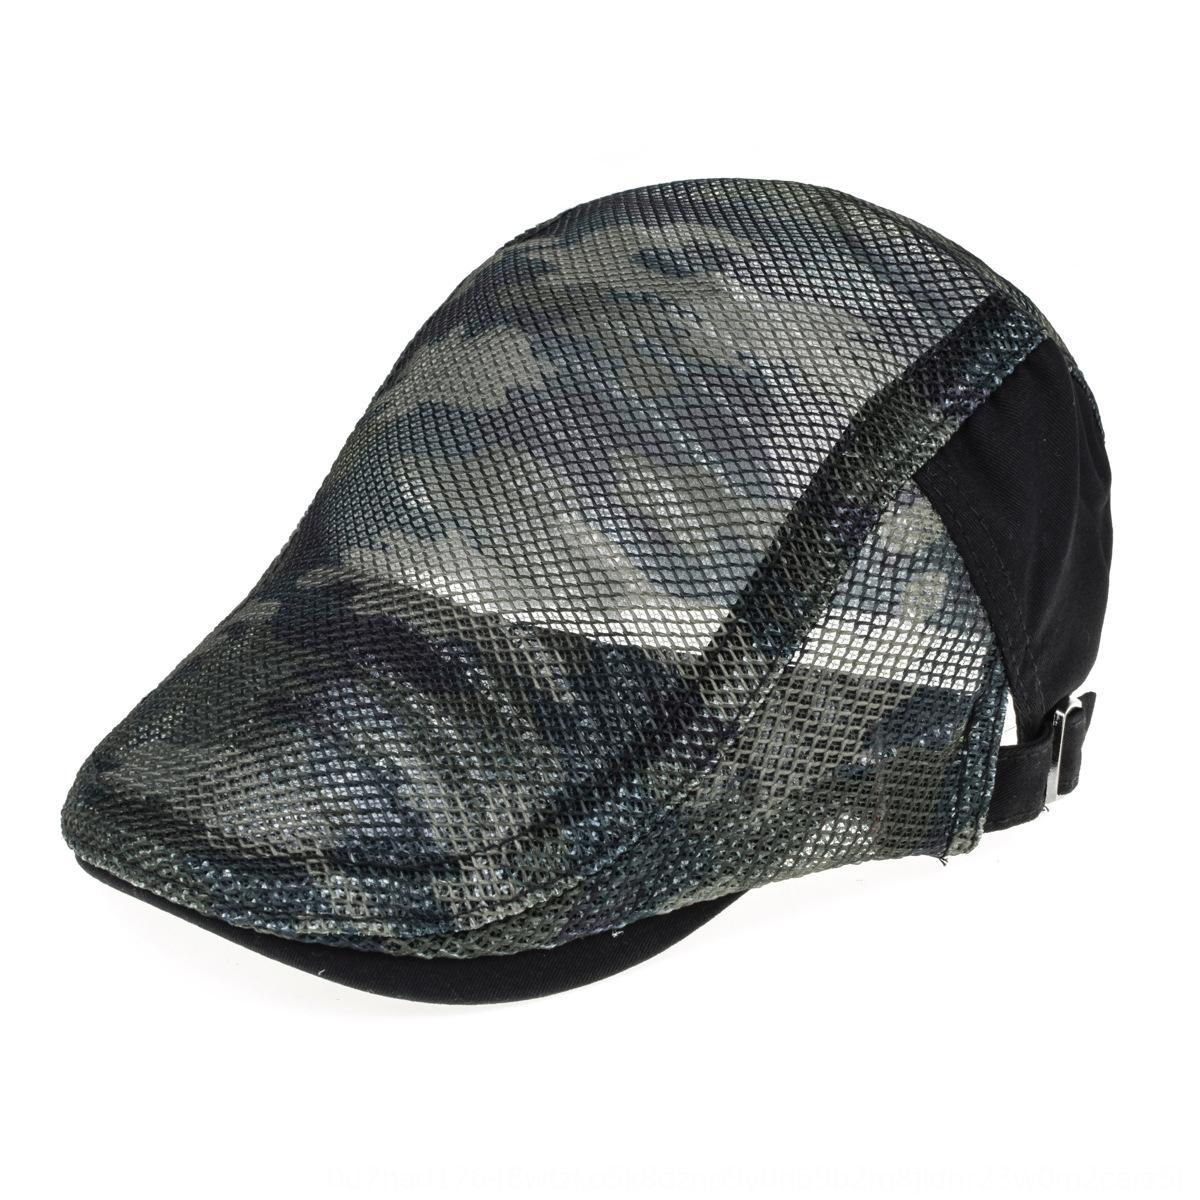 Outdoor primavera sole neutro e l'estate crema solare protezione solare cappello di maglia calotta di ghiaccio-sensazione cappello camuffamento del sole cappuccio di protezione